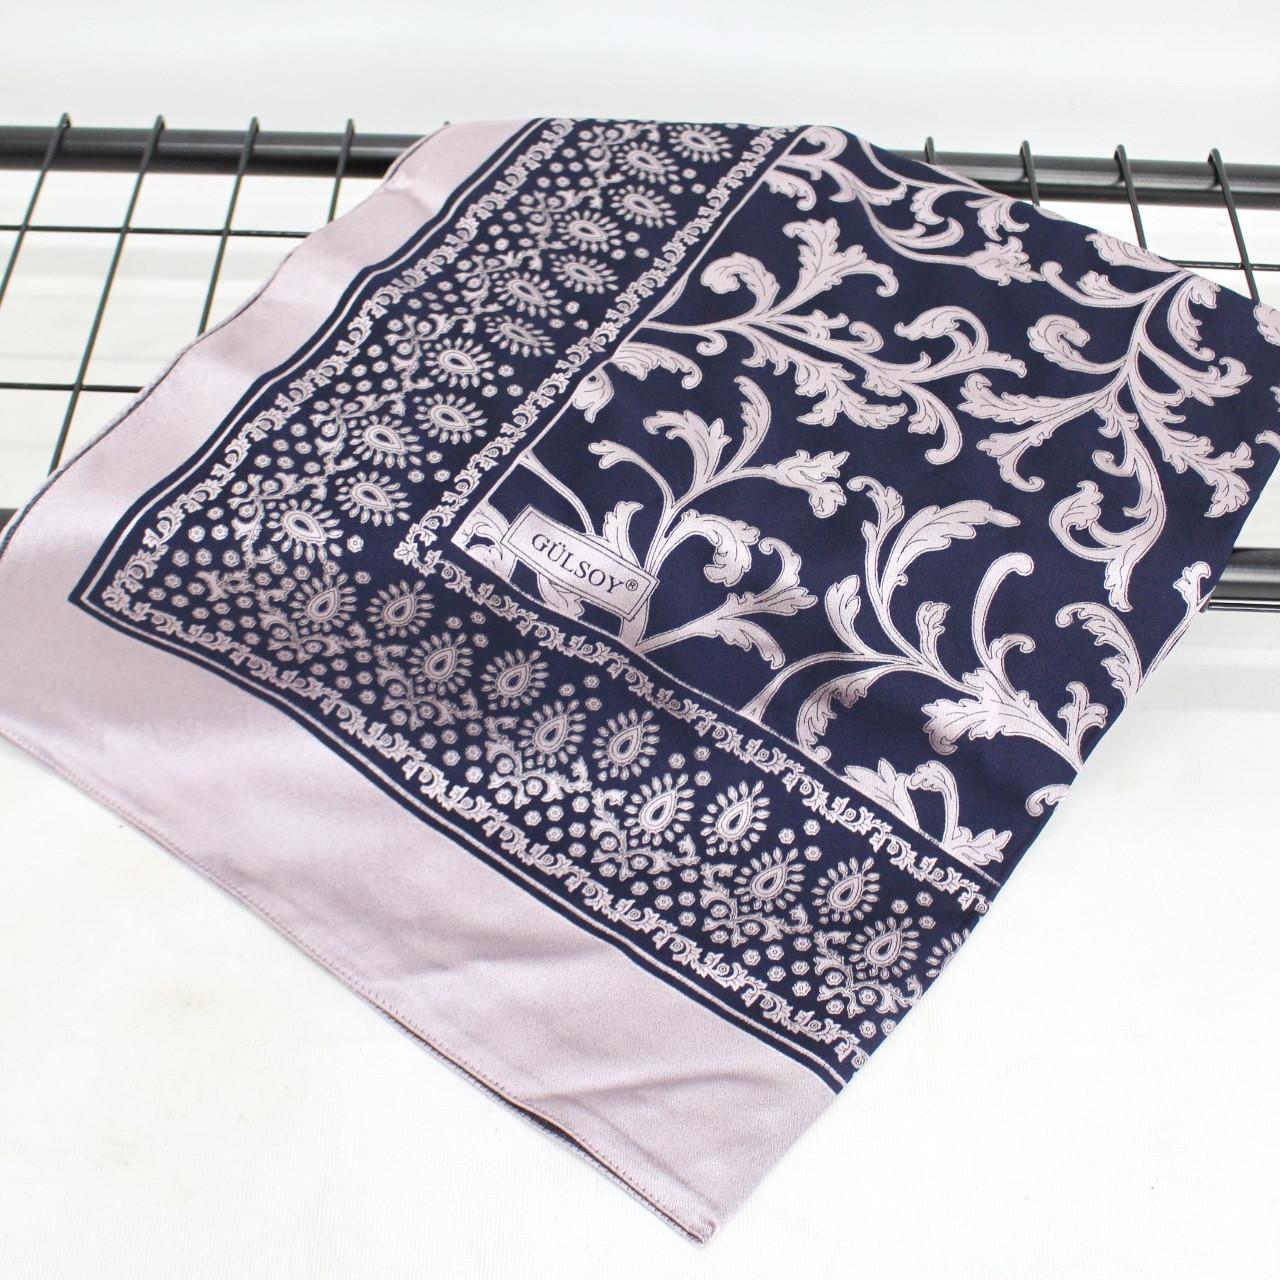 Елітний шарф палантин Gulsoy 167007